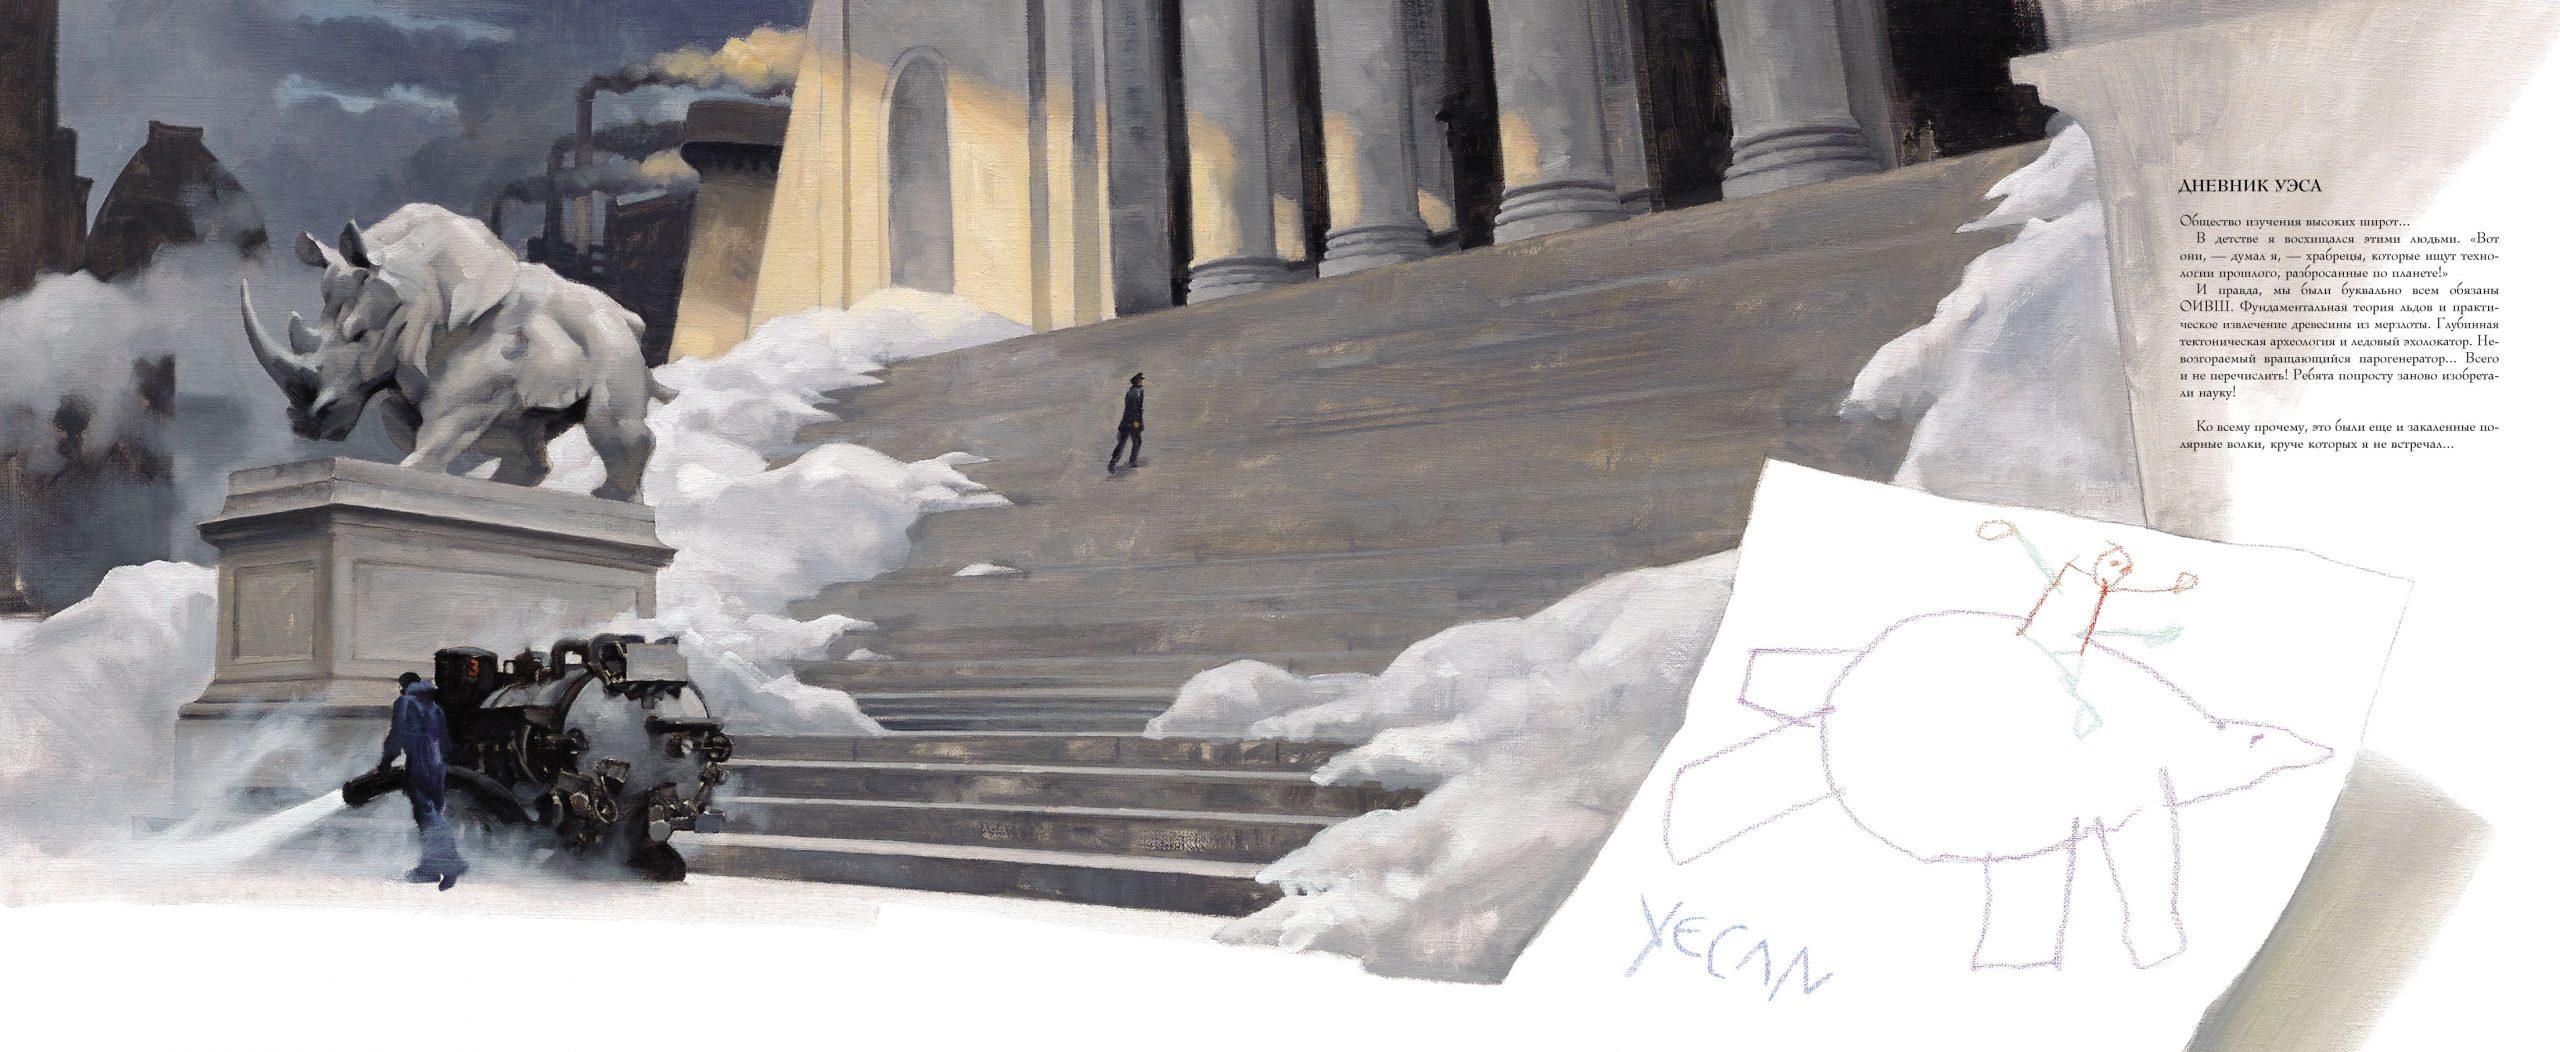 «Дневник Уэса»: отрывок изиллюстрированного романа «В ледяном плену» Грегори Манчесса 9